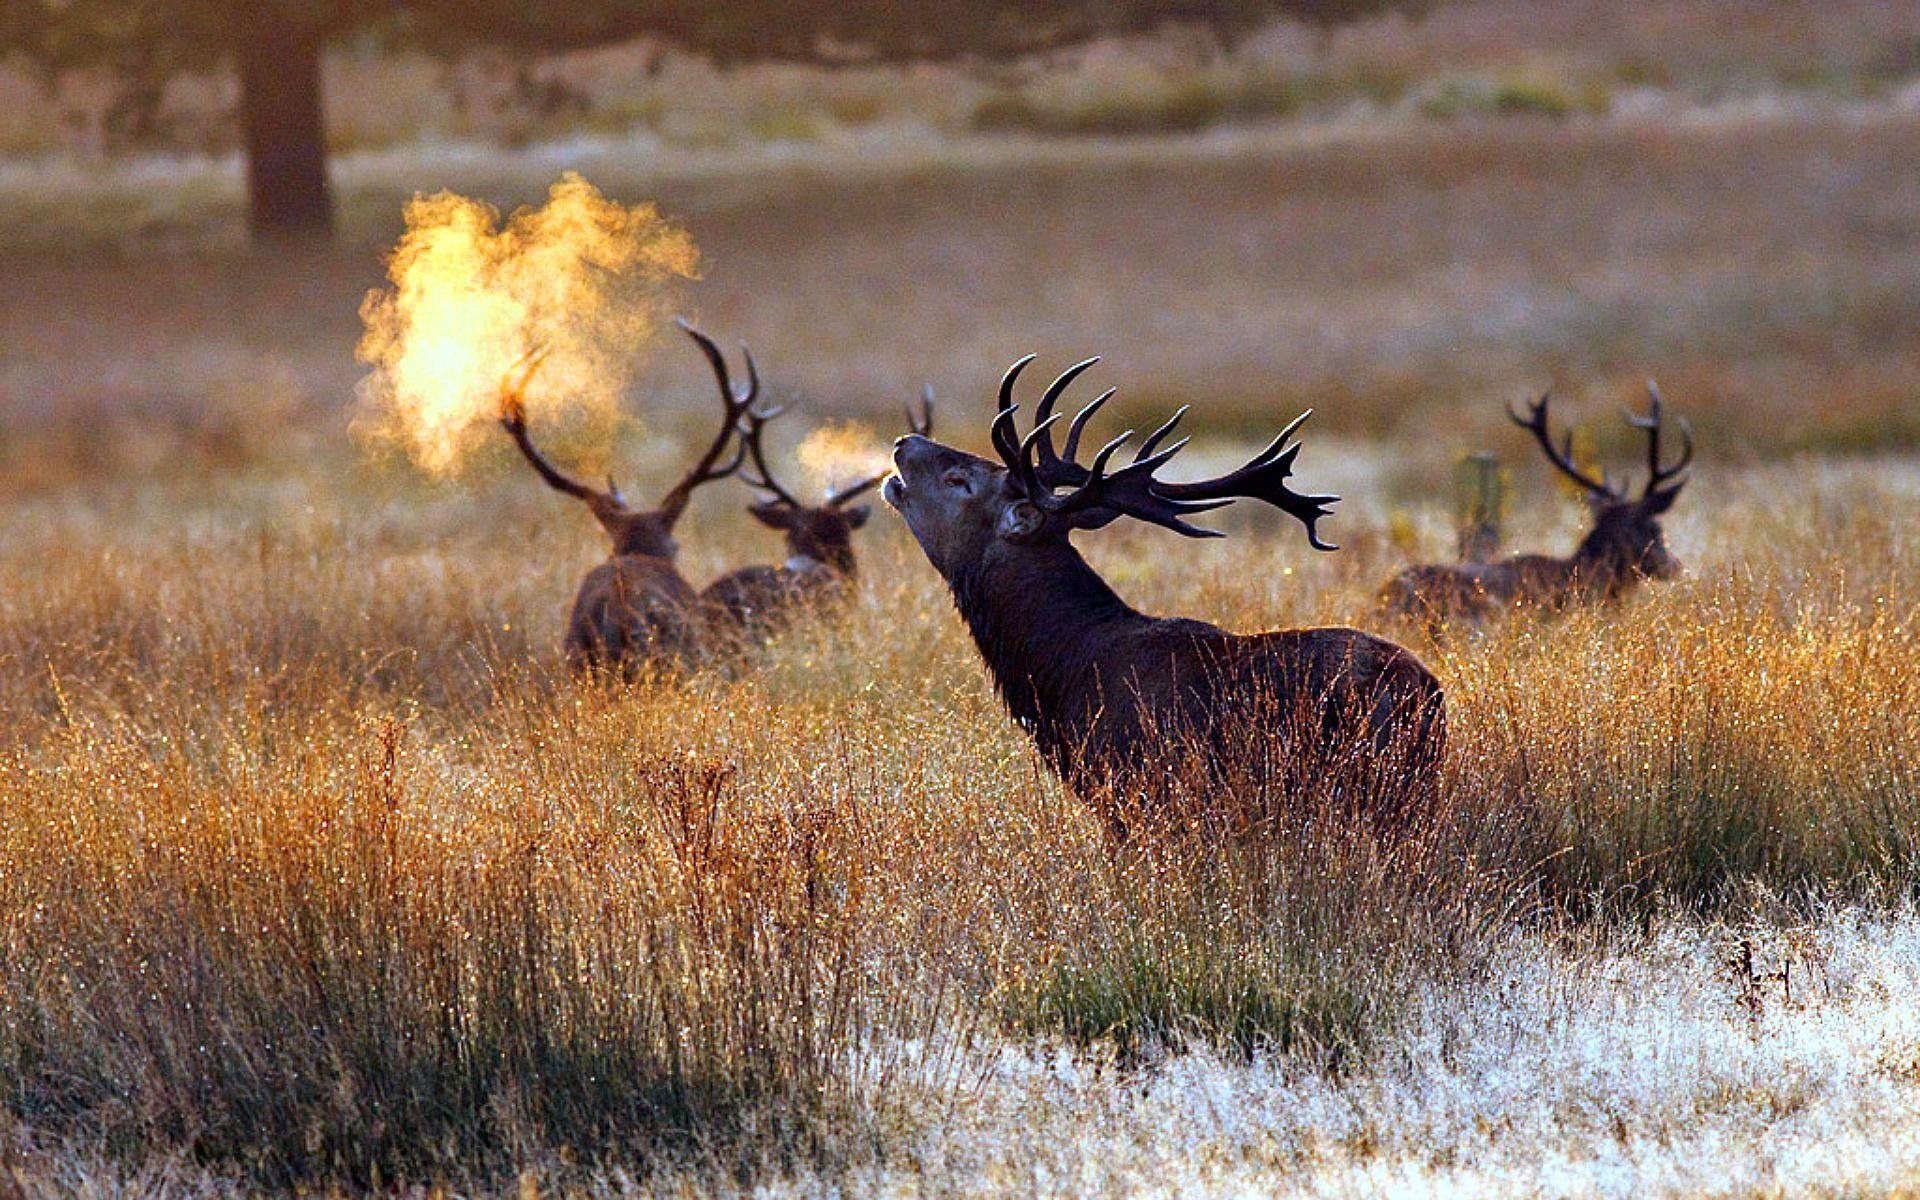 Bull Elk Wallpapers - Top Free Bull Elk